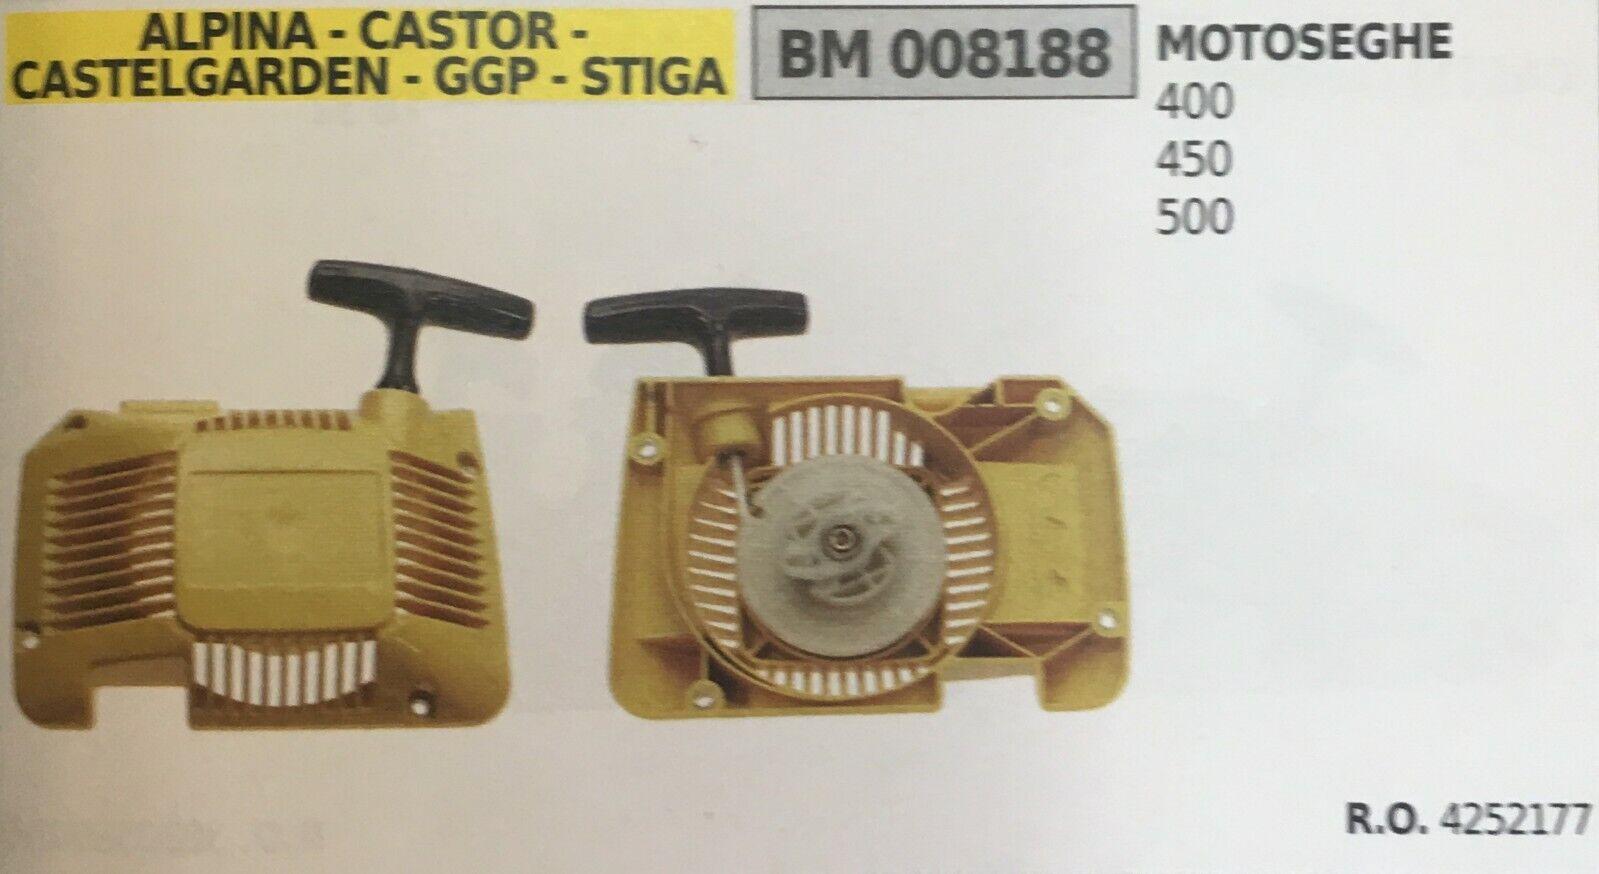 Start Komplett Brumar Alpina-Castor - Castelgarden - Ggp - Stiga BM008188